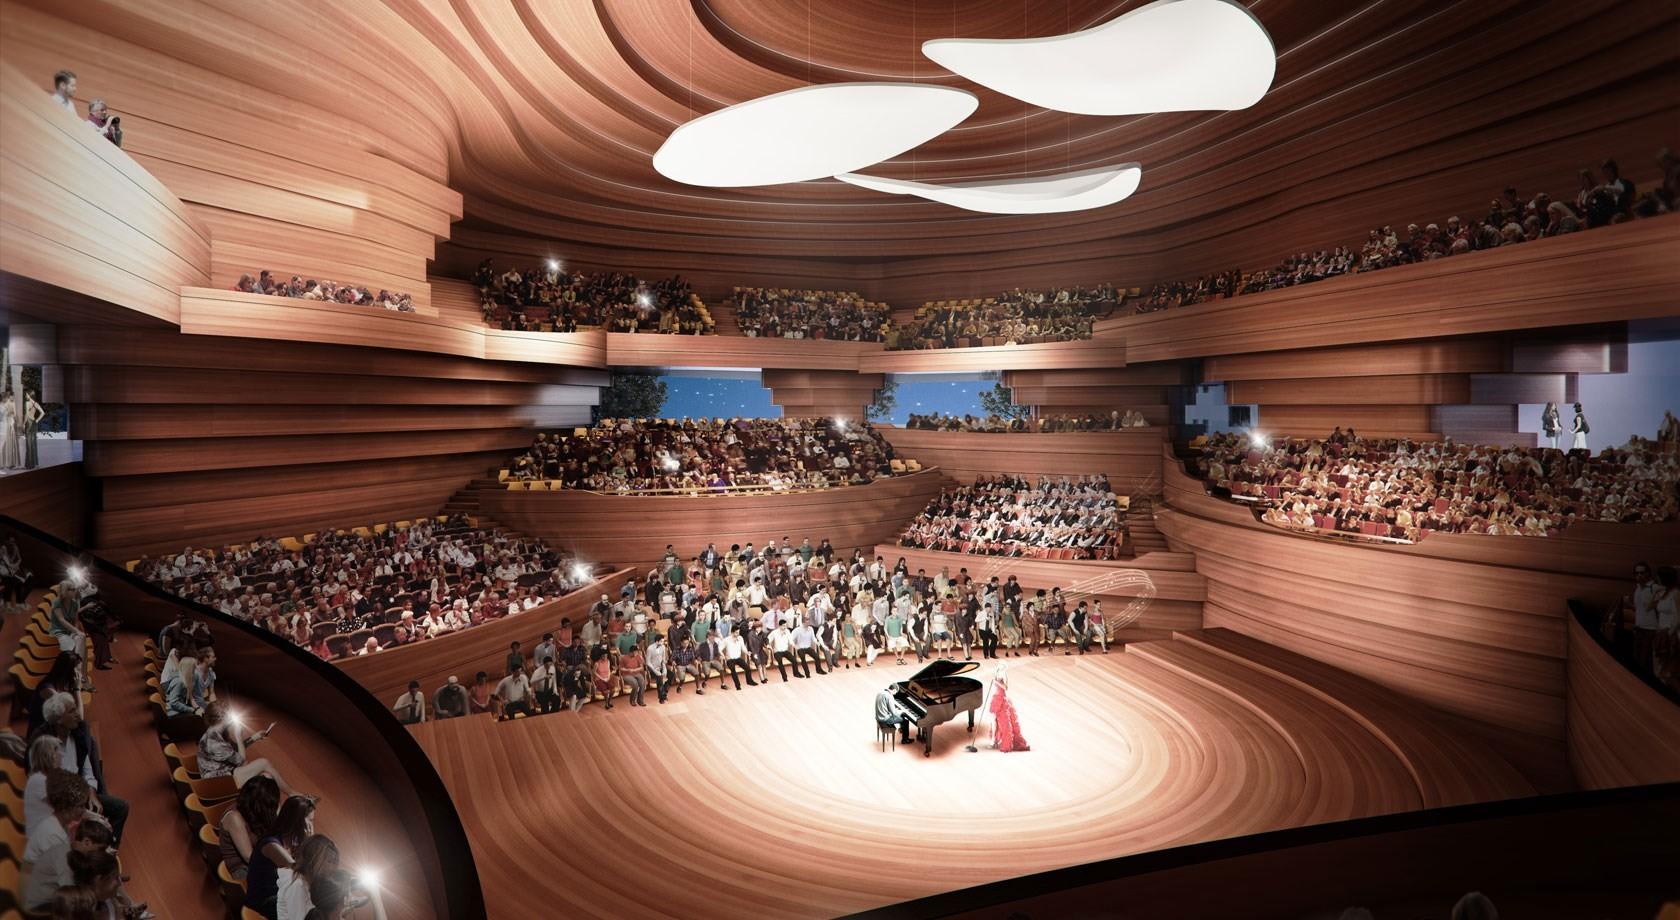 kadawittfeldarchitektur. Imágen cortesía de Beethoven Festspielhaus